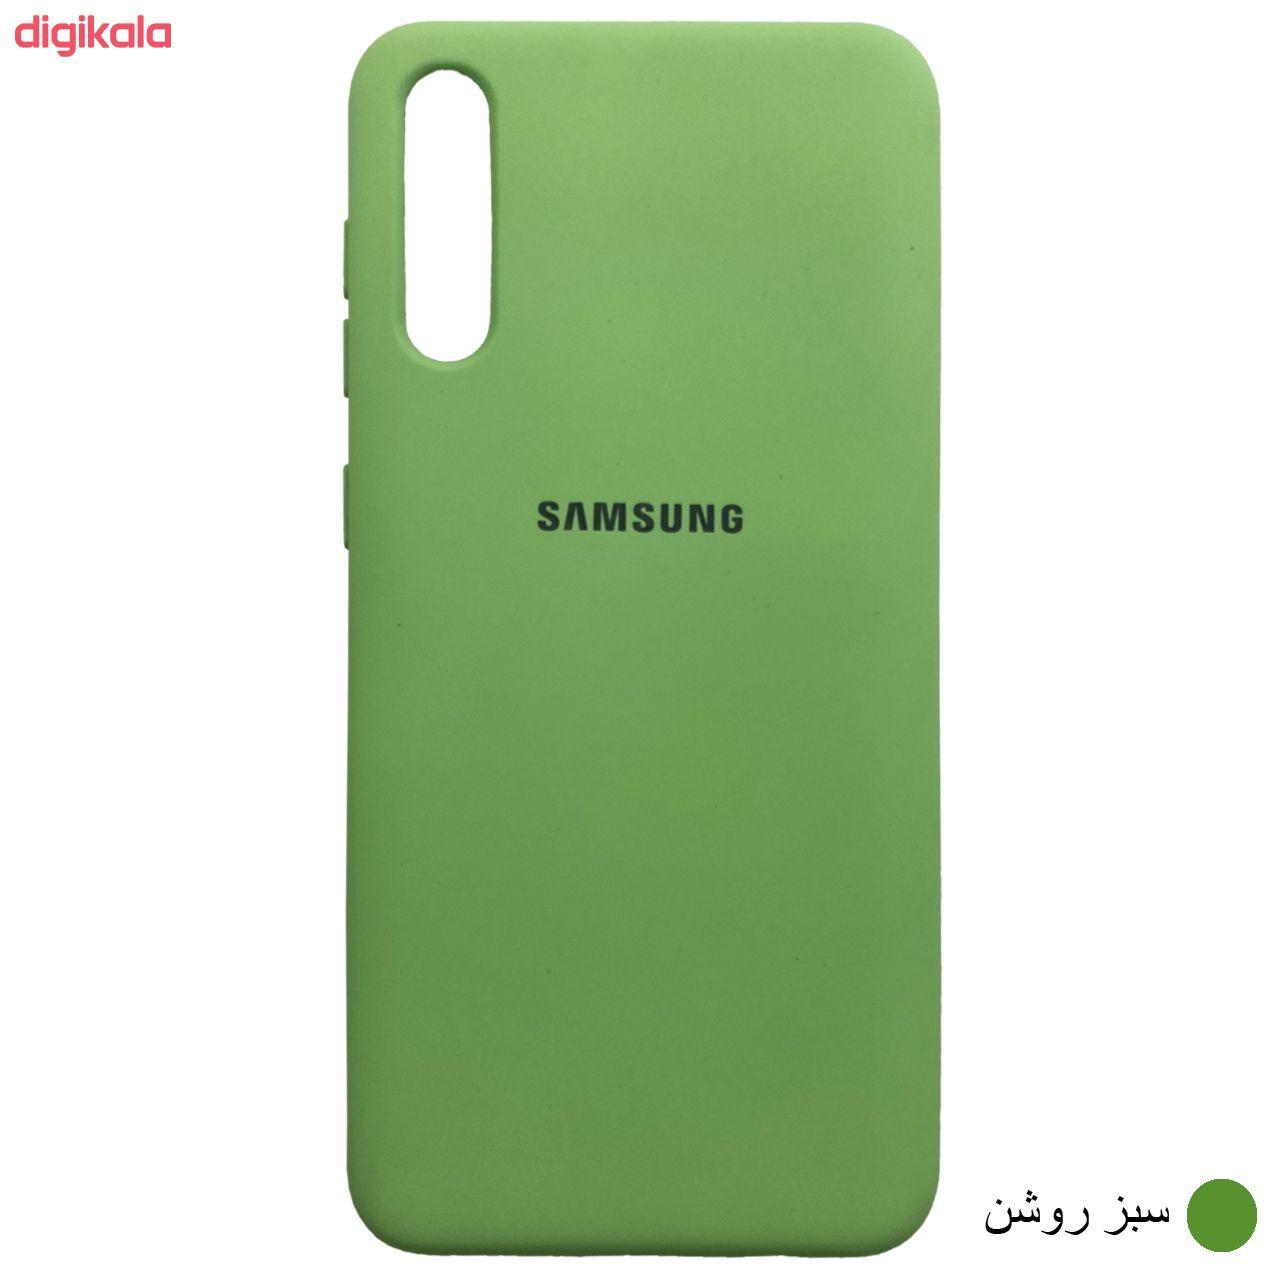 کاور مدل SCN مناسب برای گوشی موبایل سامسونگ Galaxy A50 / A50s / A30s main 1 4